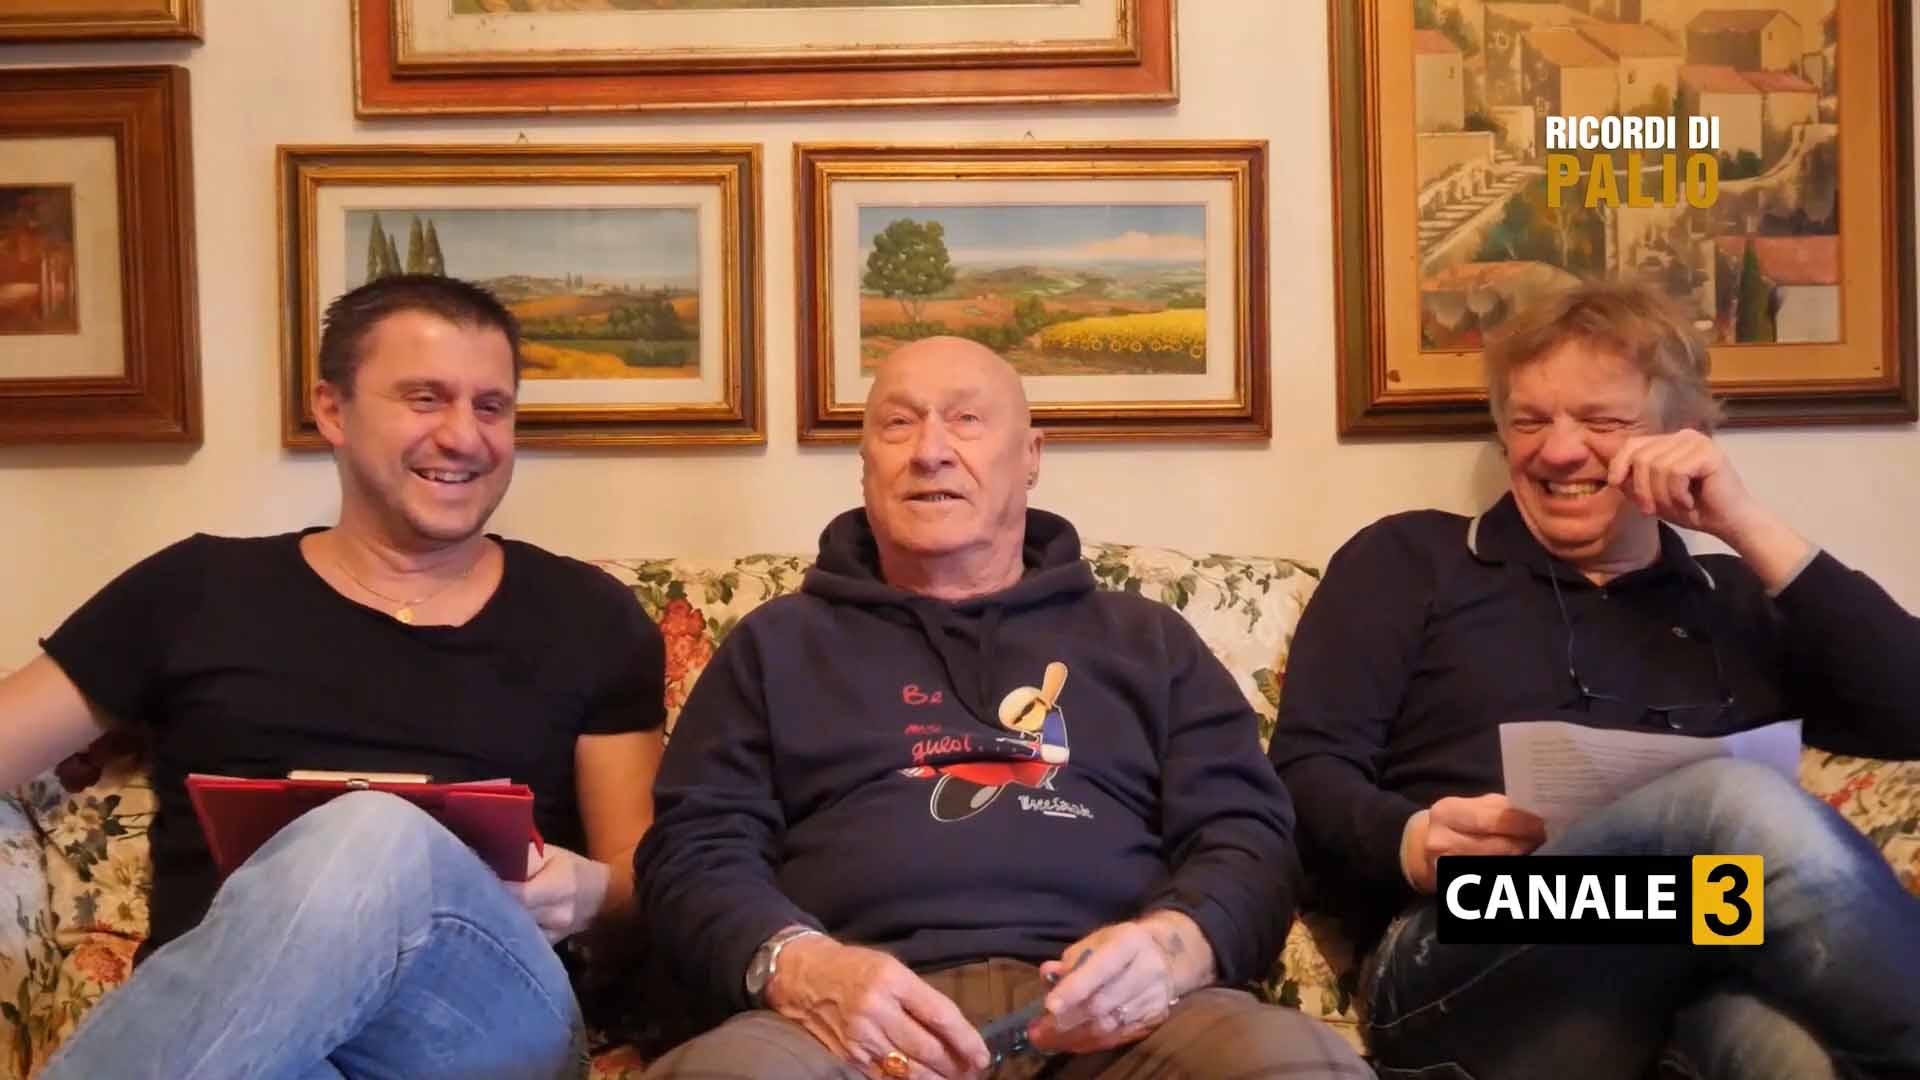 """Luciano Chiti con Michele Fiorini a sinistra e Massimiliano Senesi a destra nel corso della registrazione della Puntata di """"Ricordi di Palio"""""""